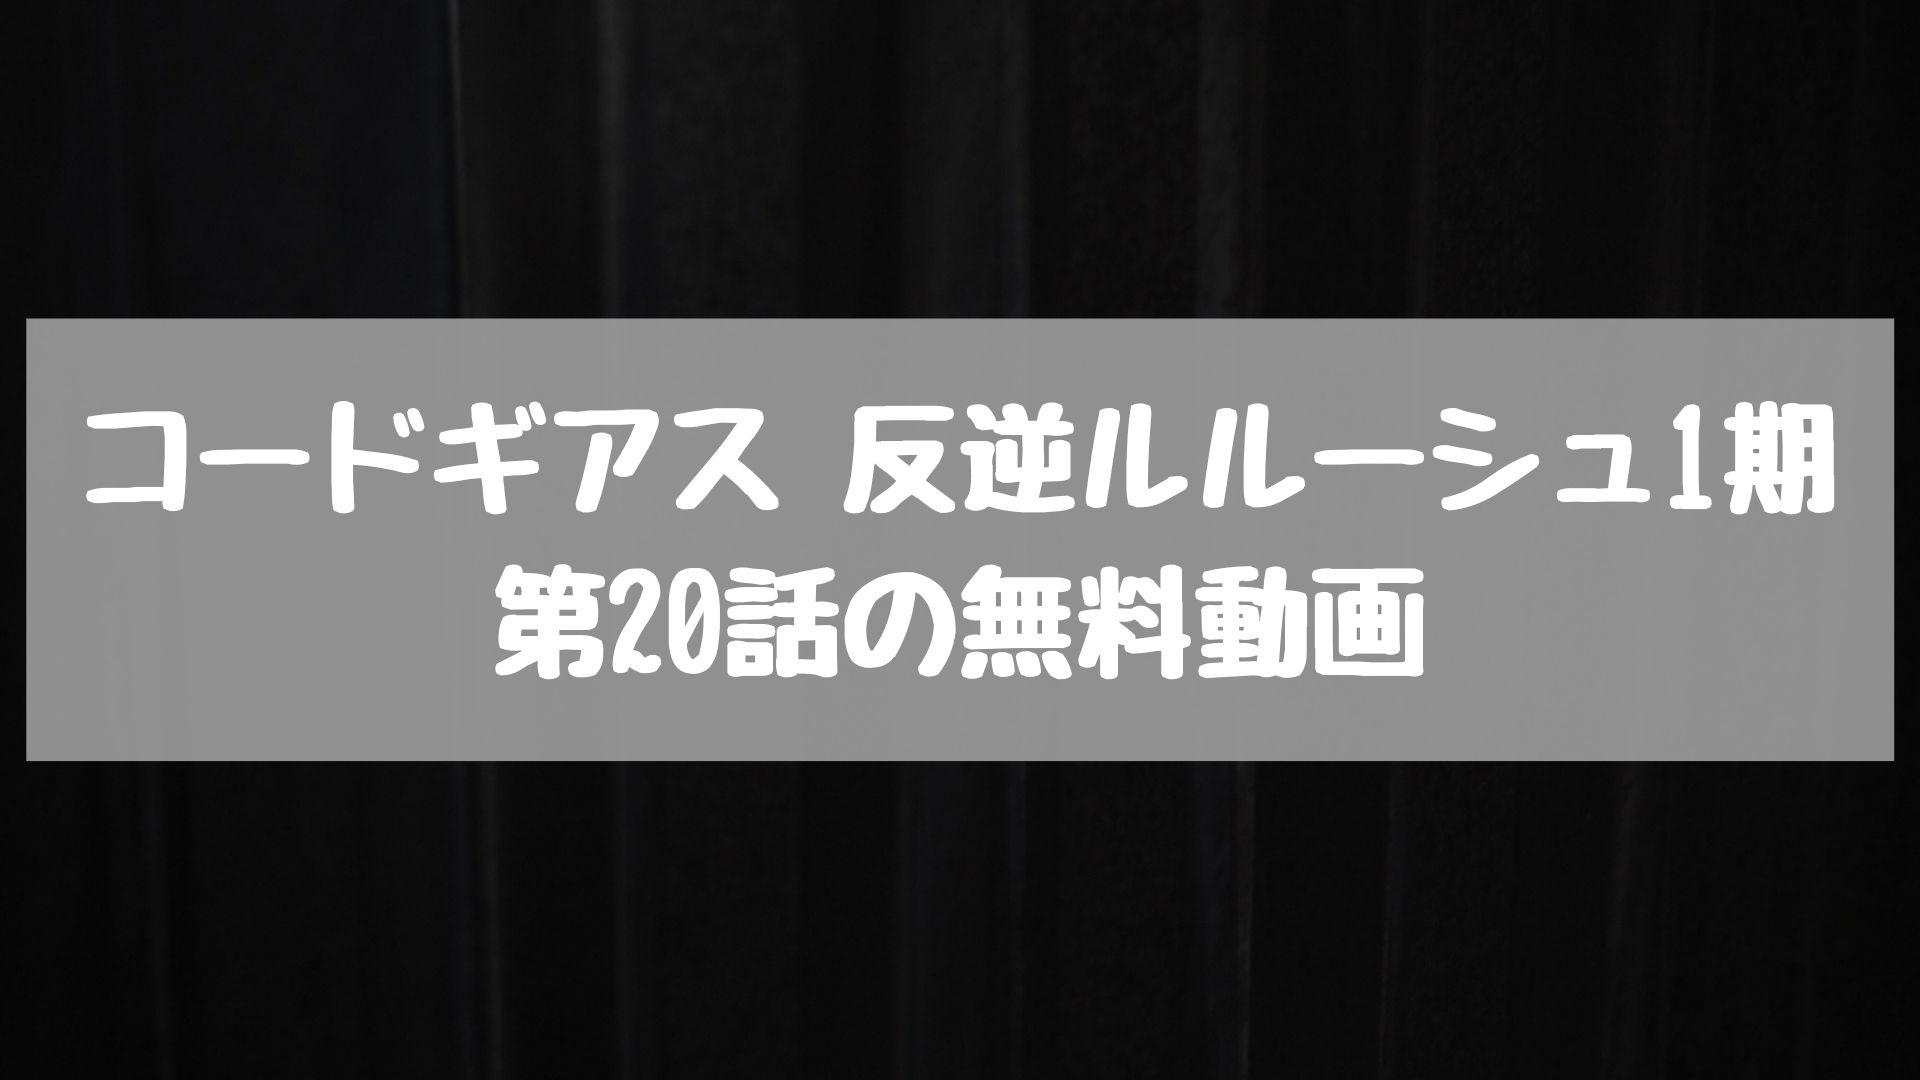 コードギアス 反逆ルルーシュ1期 第20話の無料動画